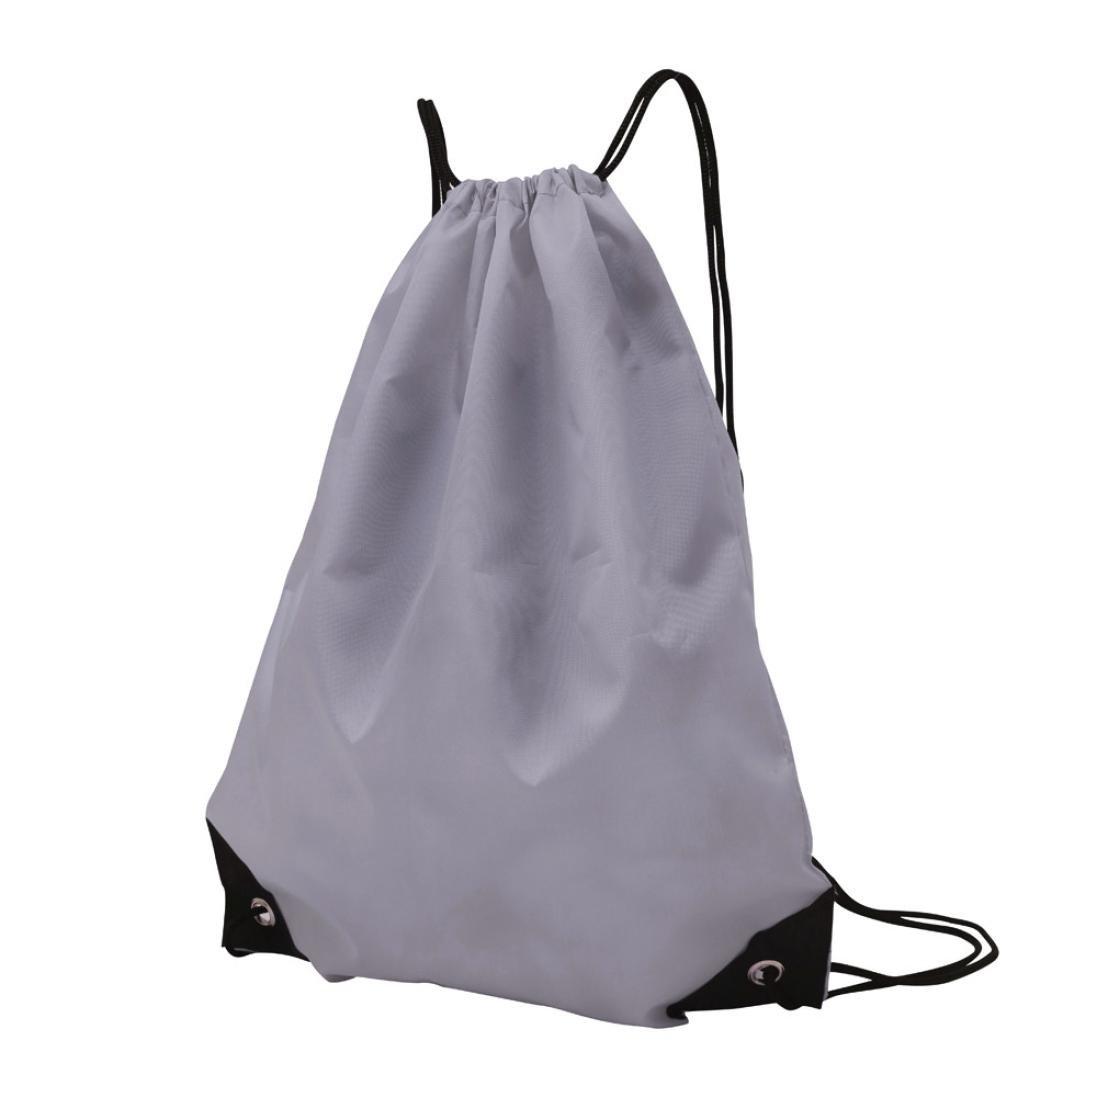 Amazon.com: Willtoo Unisex de moda sólido bolsa de ...